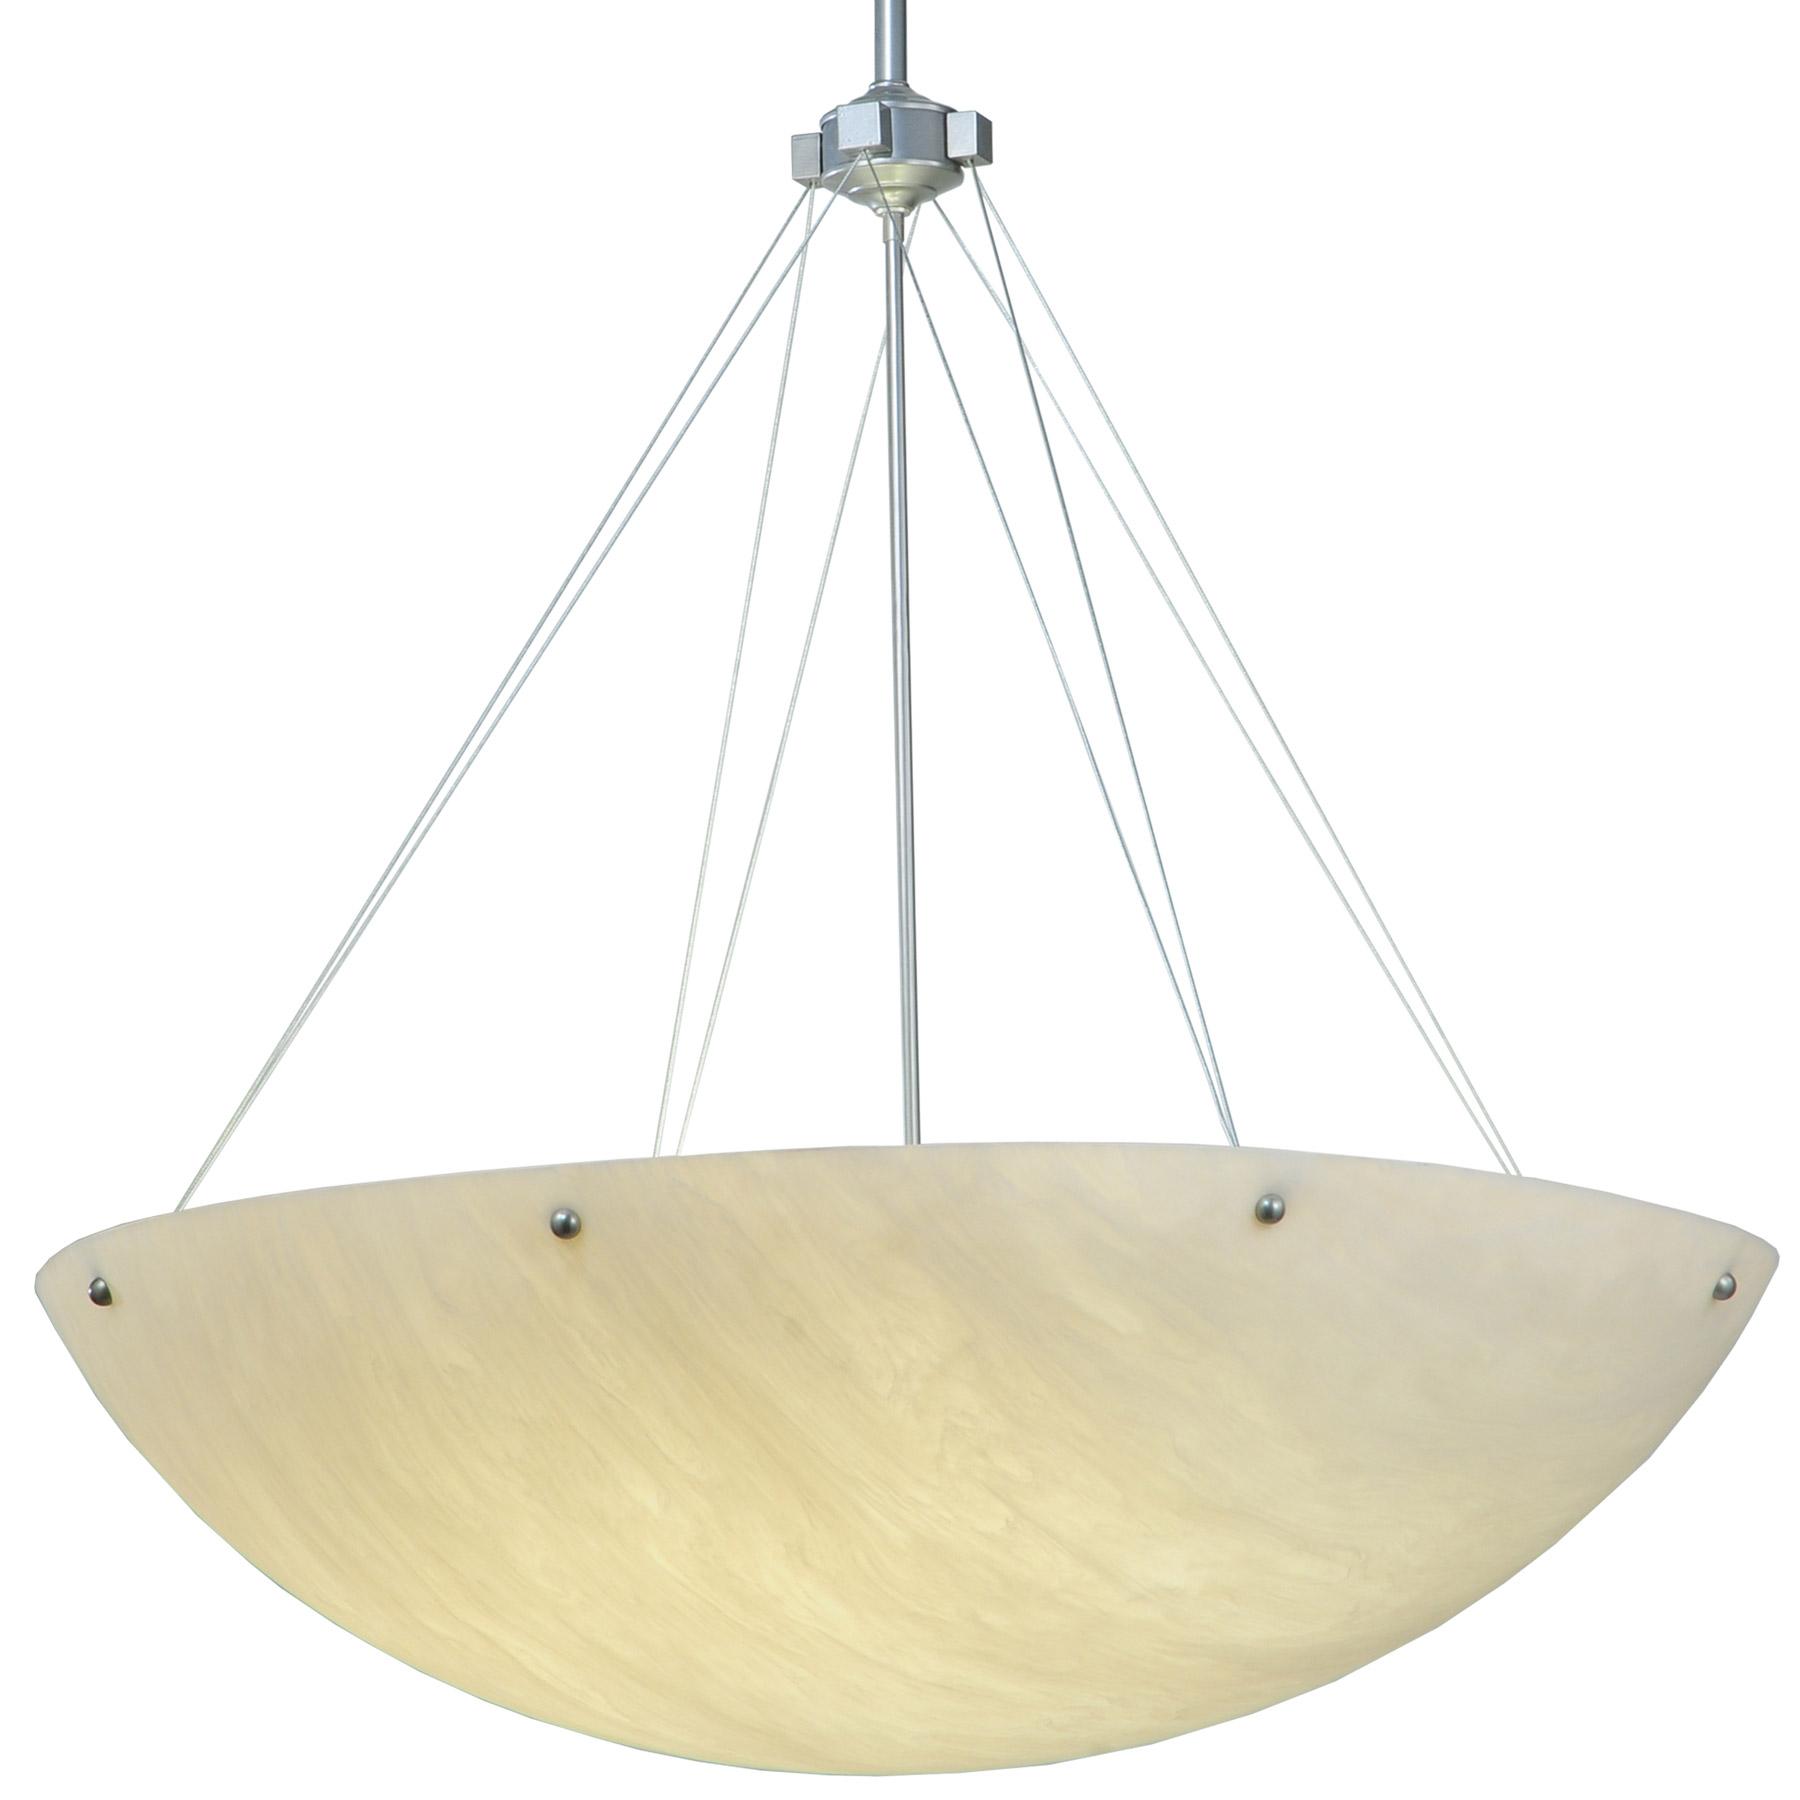 ceiling lighting pendant hanging lamps inverted bowl pendants. Black Bedroom Furniture Sets. Home Design Ideas